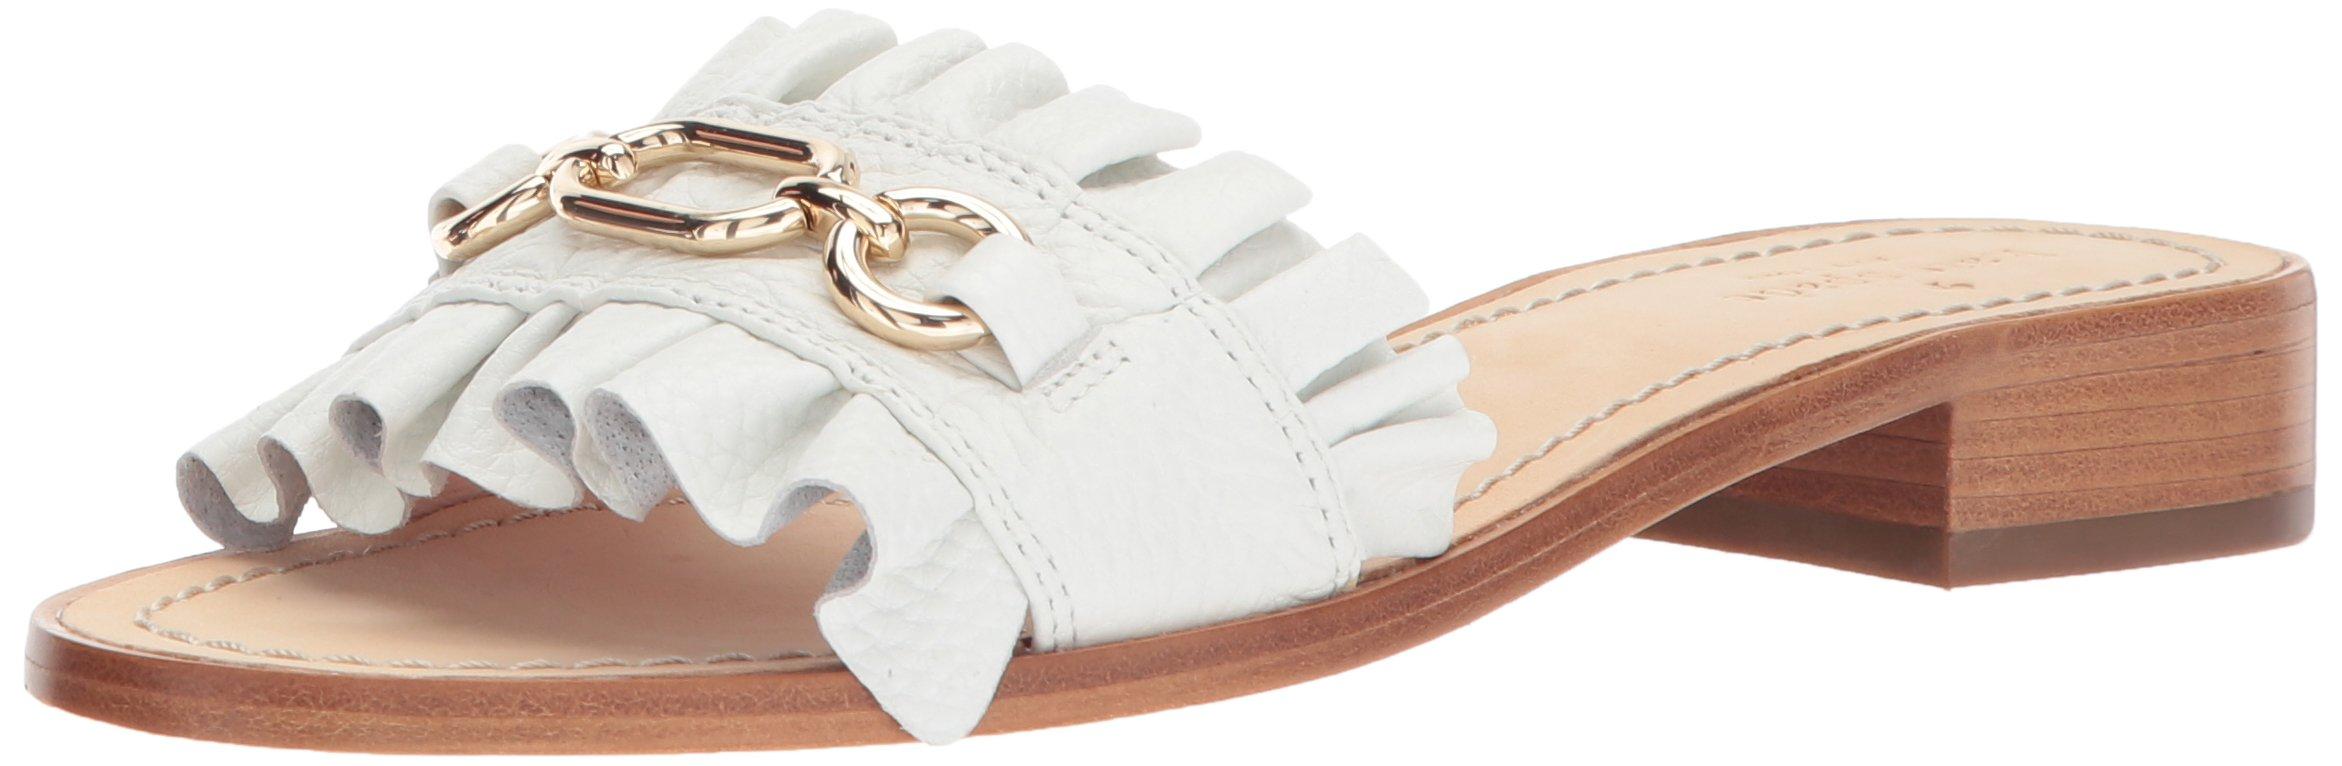 kate spade new york Women's Beau Slide Sandal, White, 8 M US